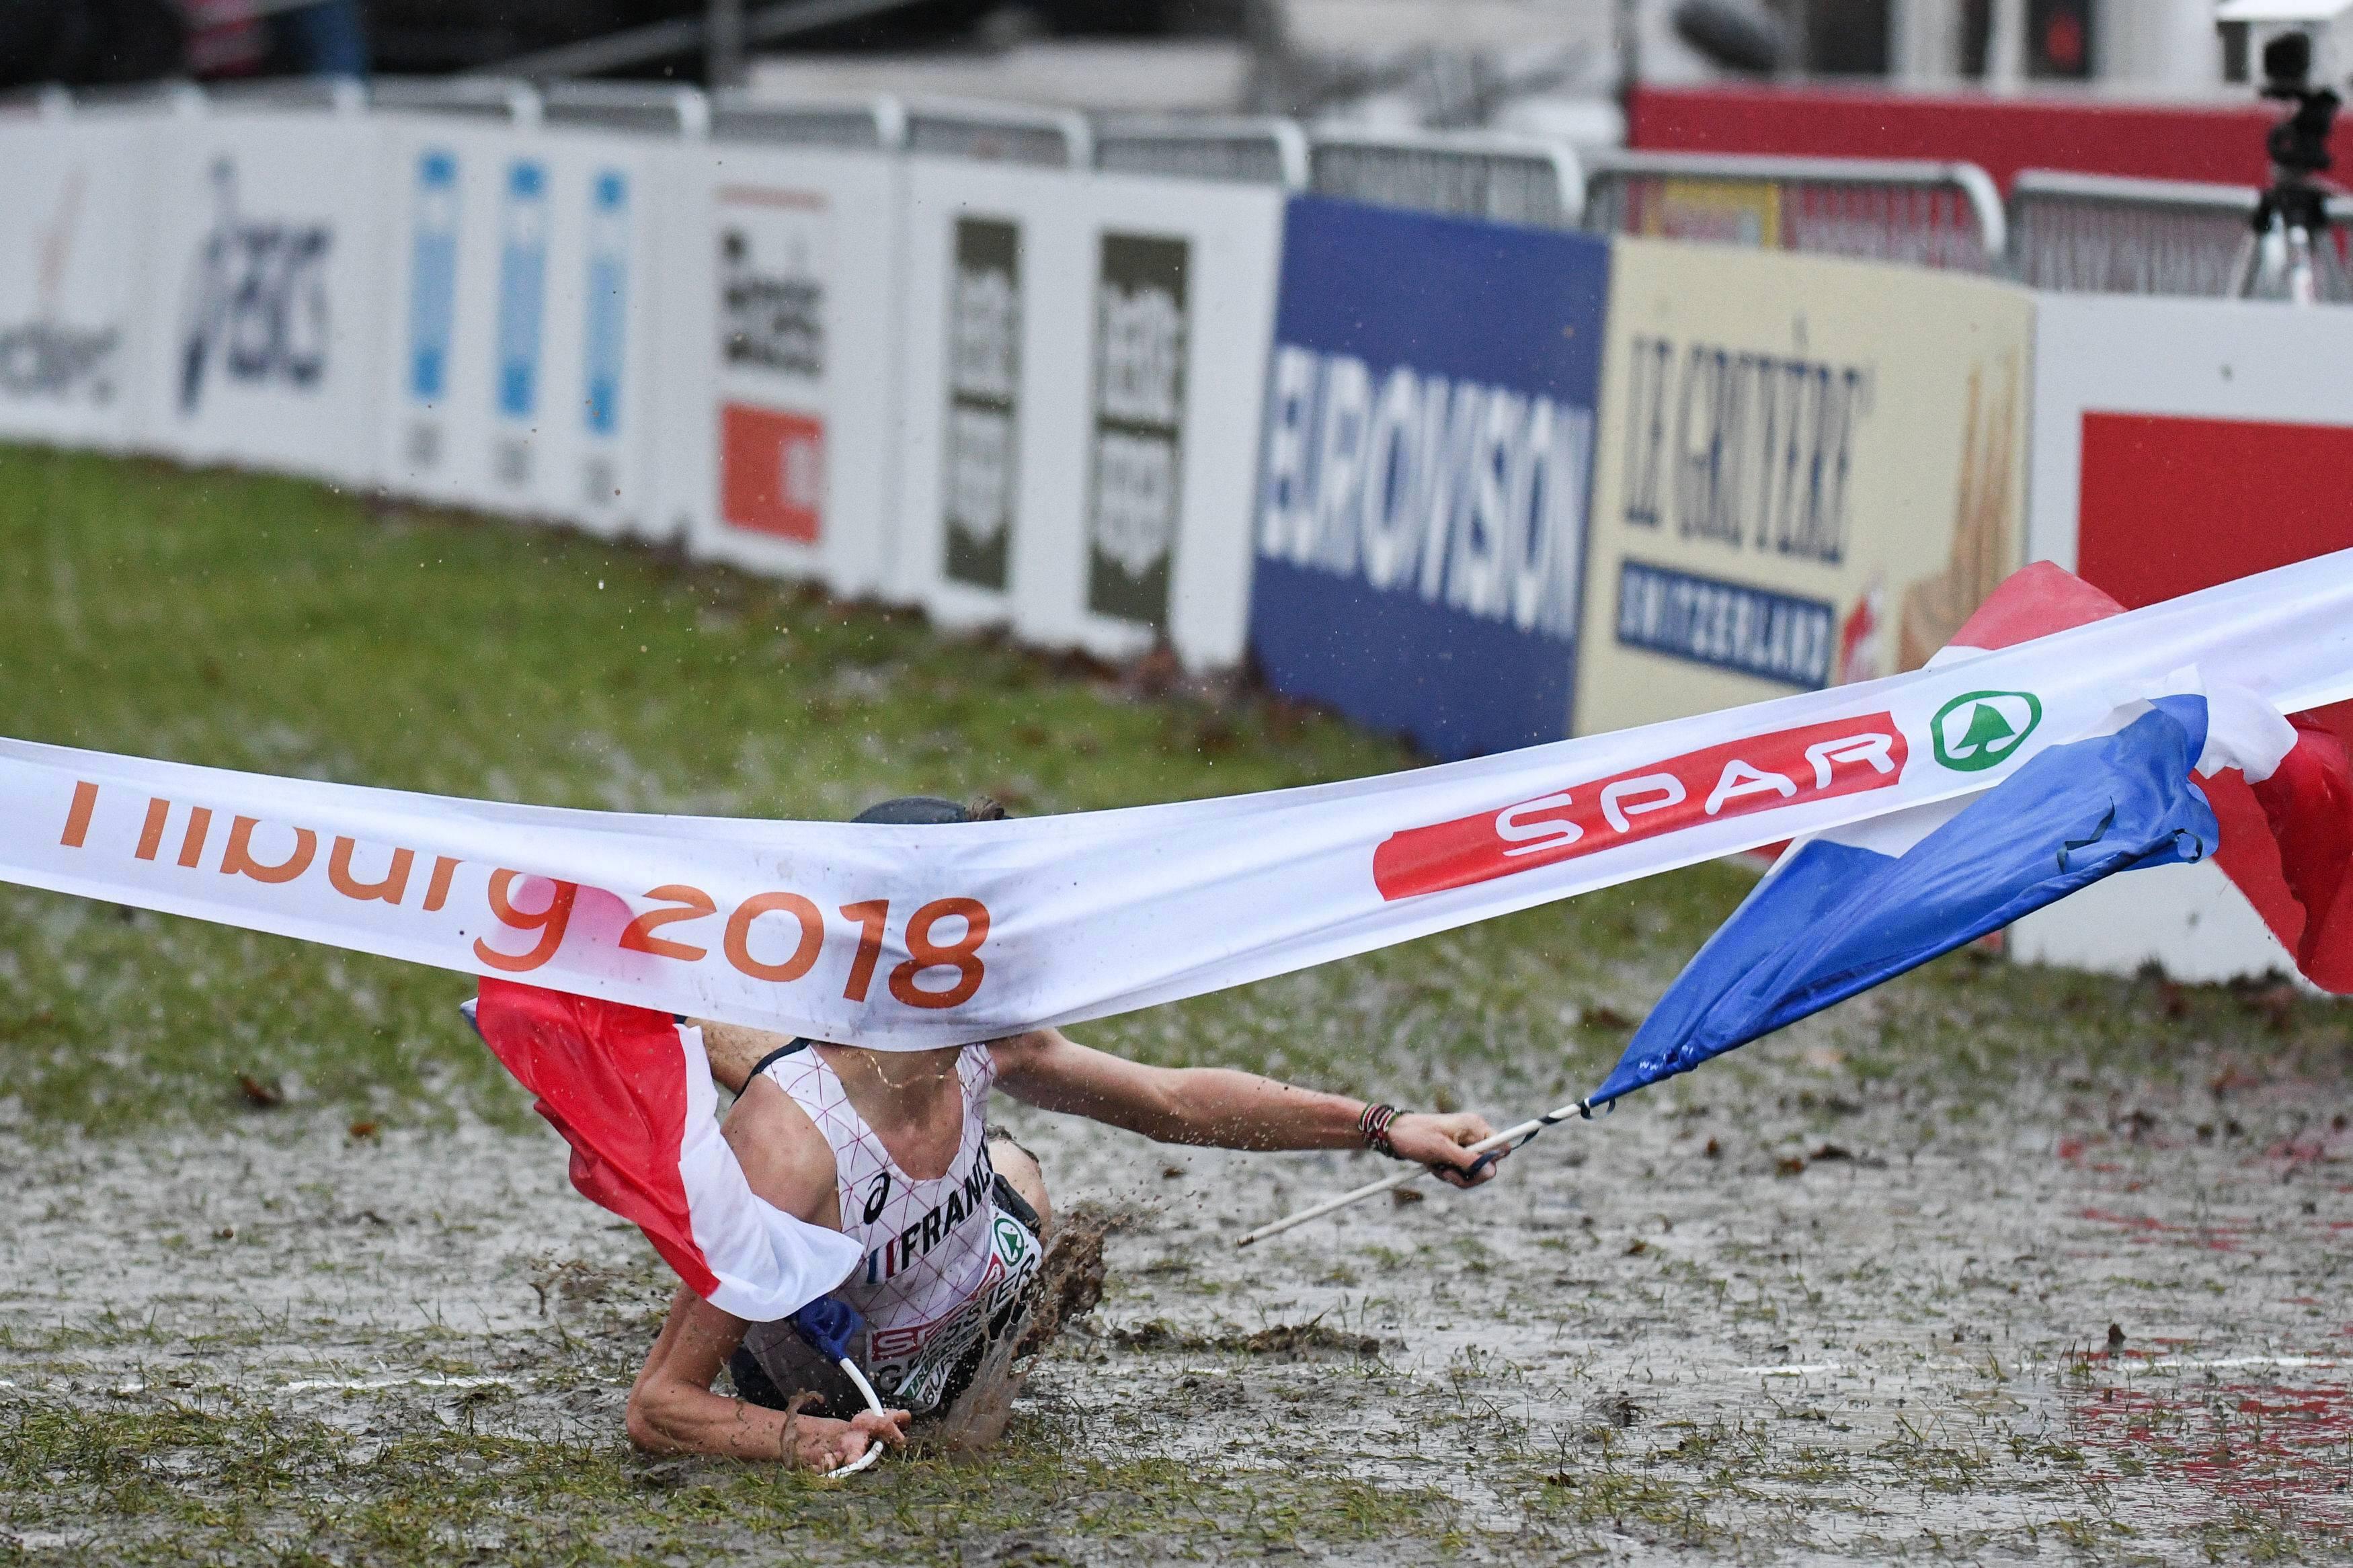 Gressier, Gauthier, River Plate... Les 10 images fortes du week-end sport